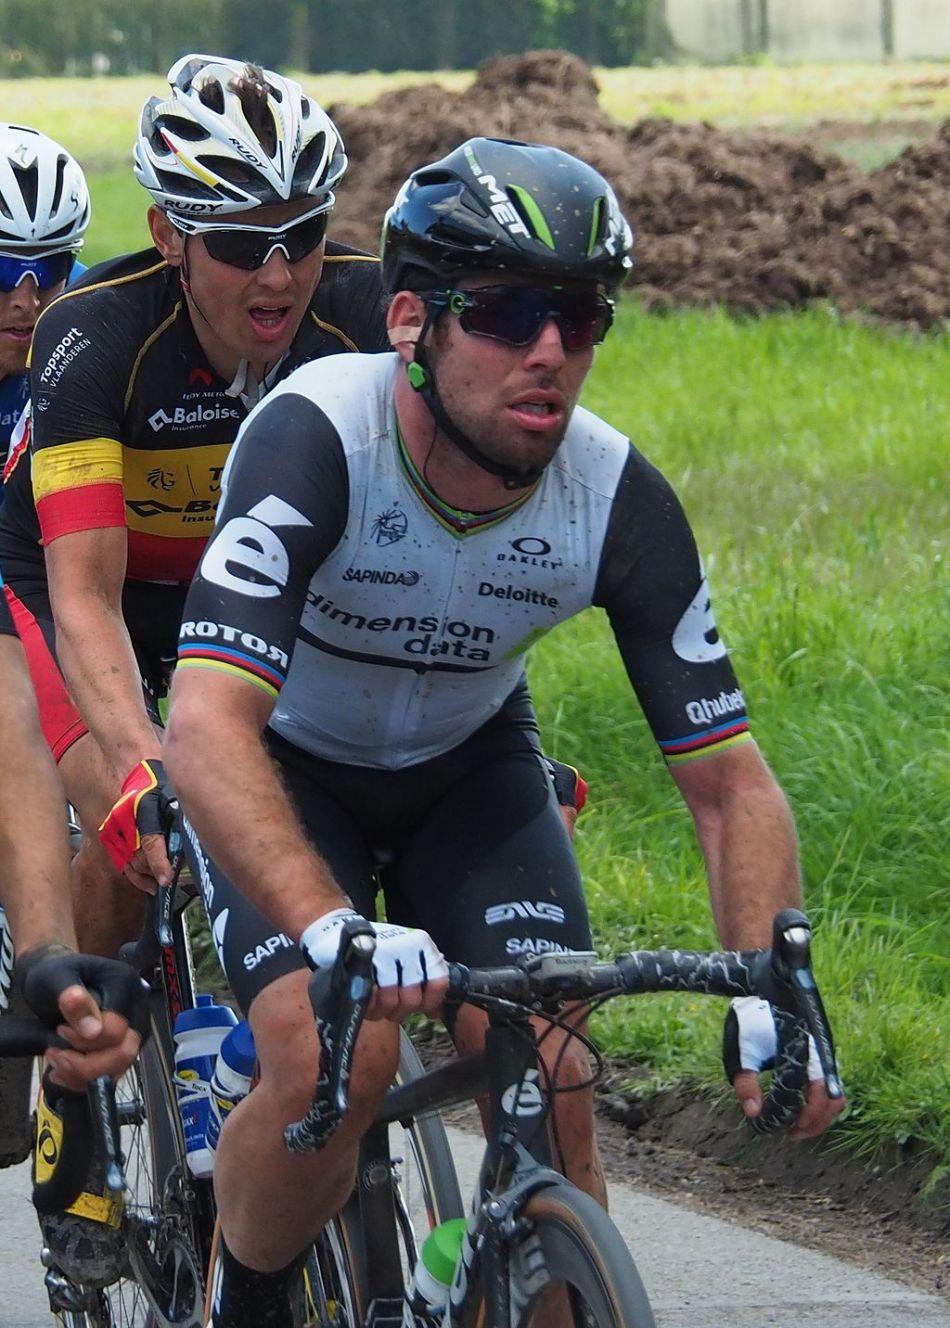 Mark_Cavendish,_Paris-Roubaix_2016